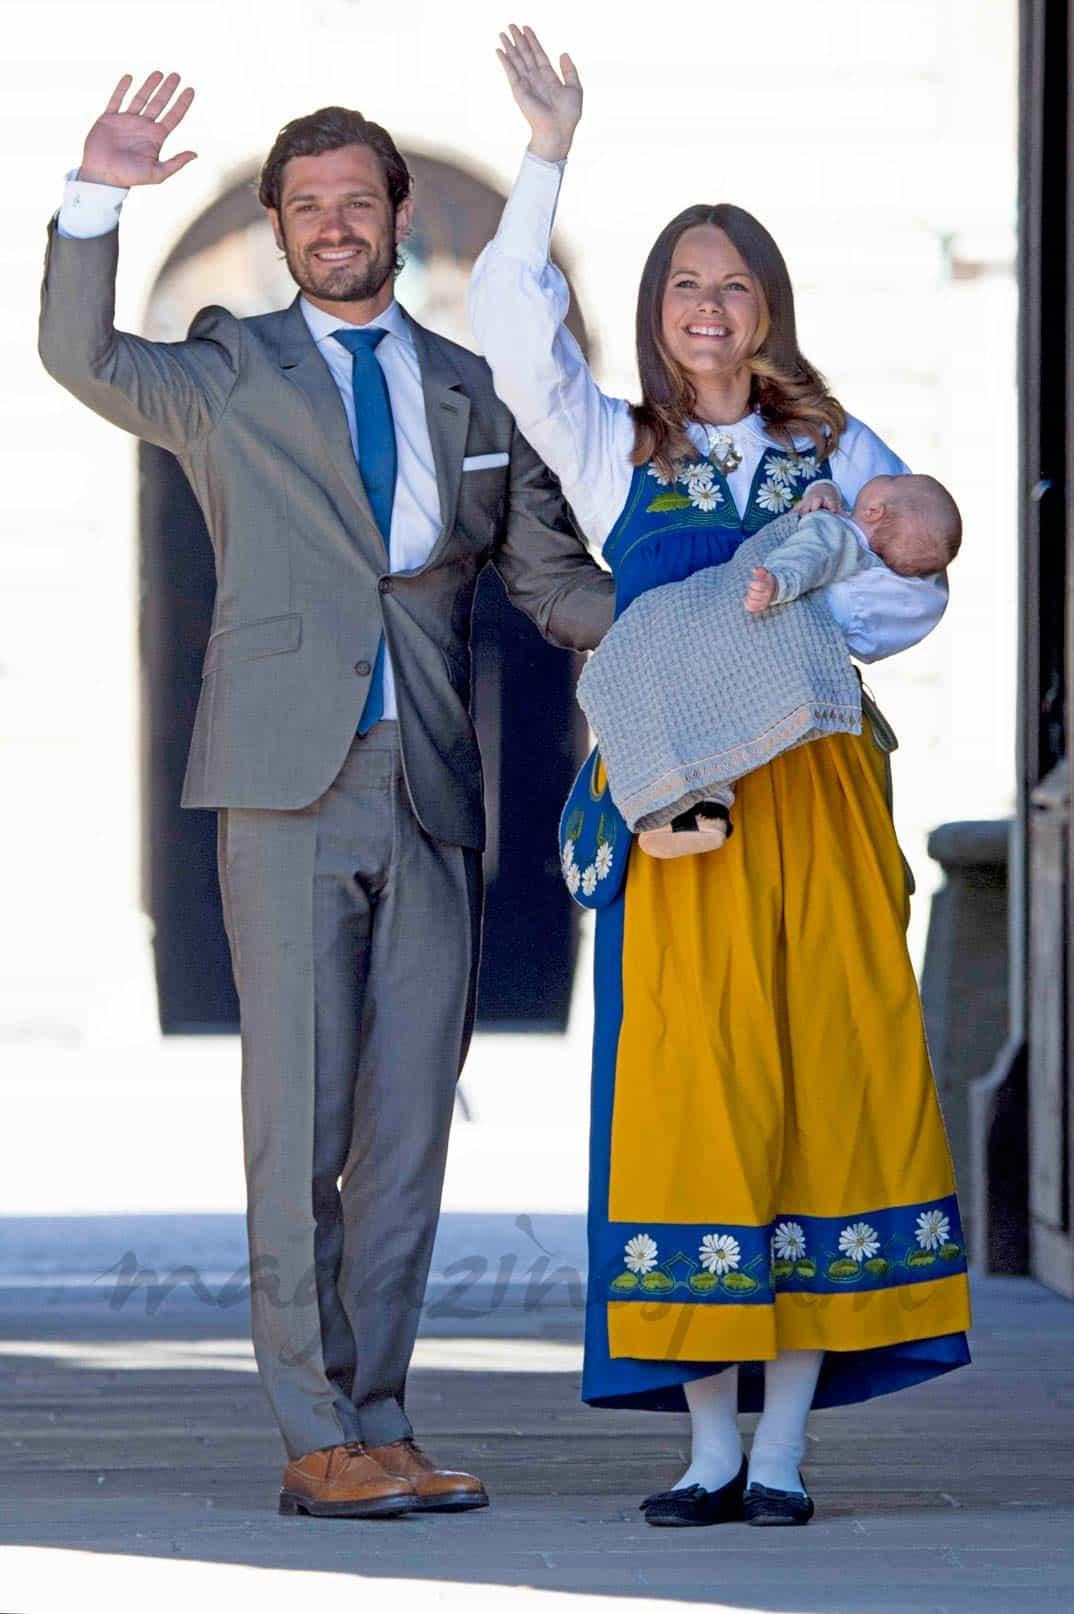 Príncipe Carlos Felipe, princesa Sofía y príncipe Alexander de Suecia